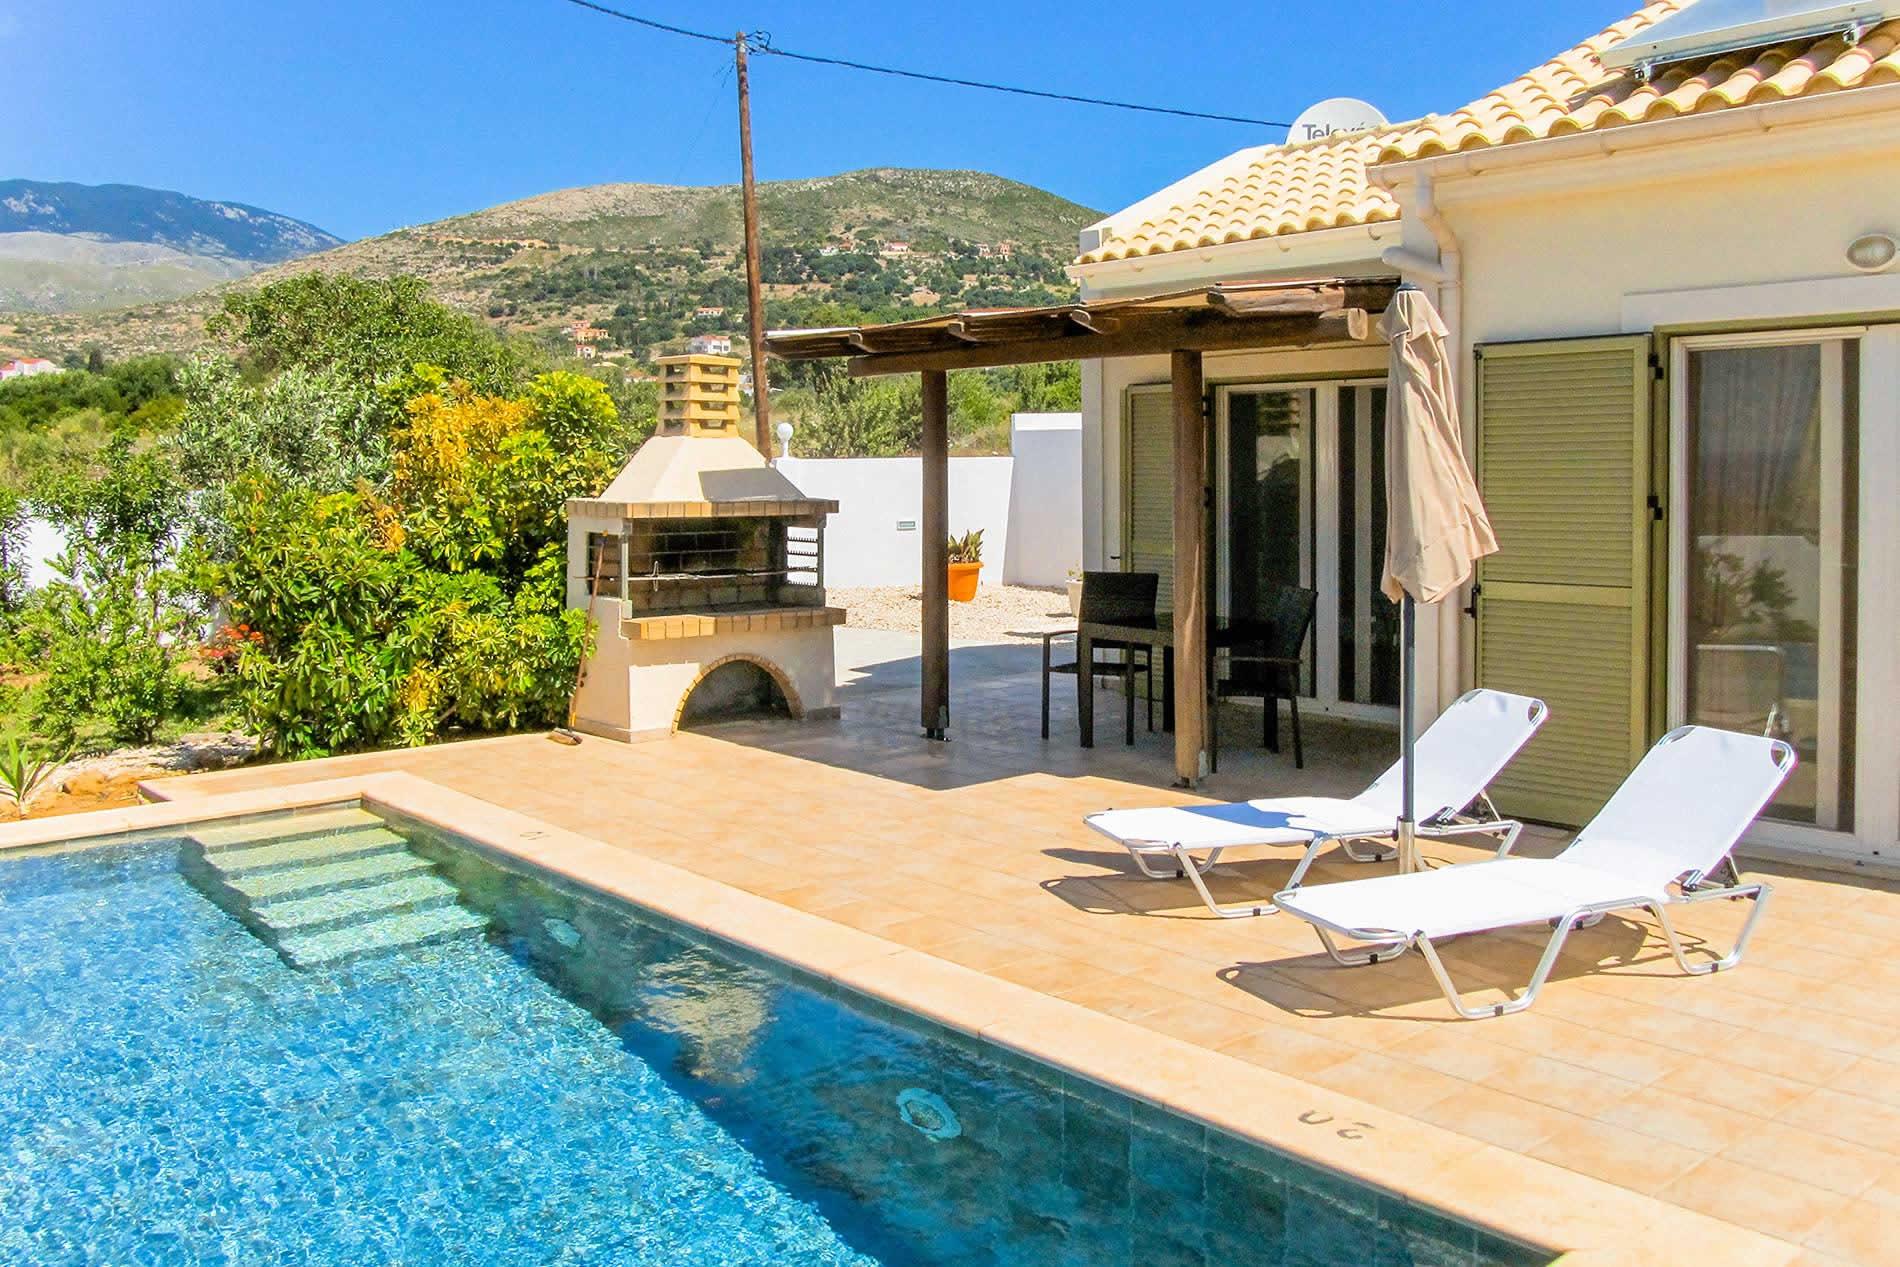 Caretta Beach Villa in Skala - sleeps 2 people